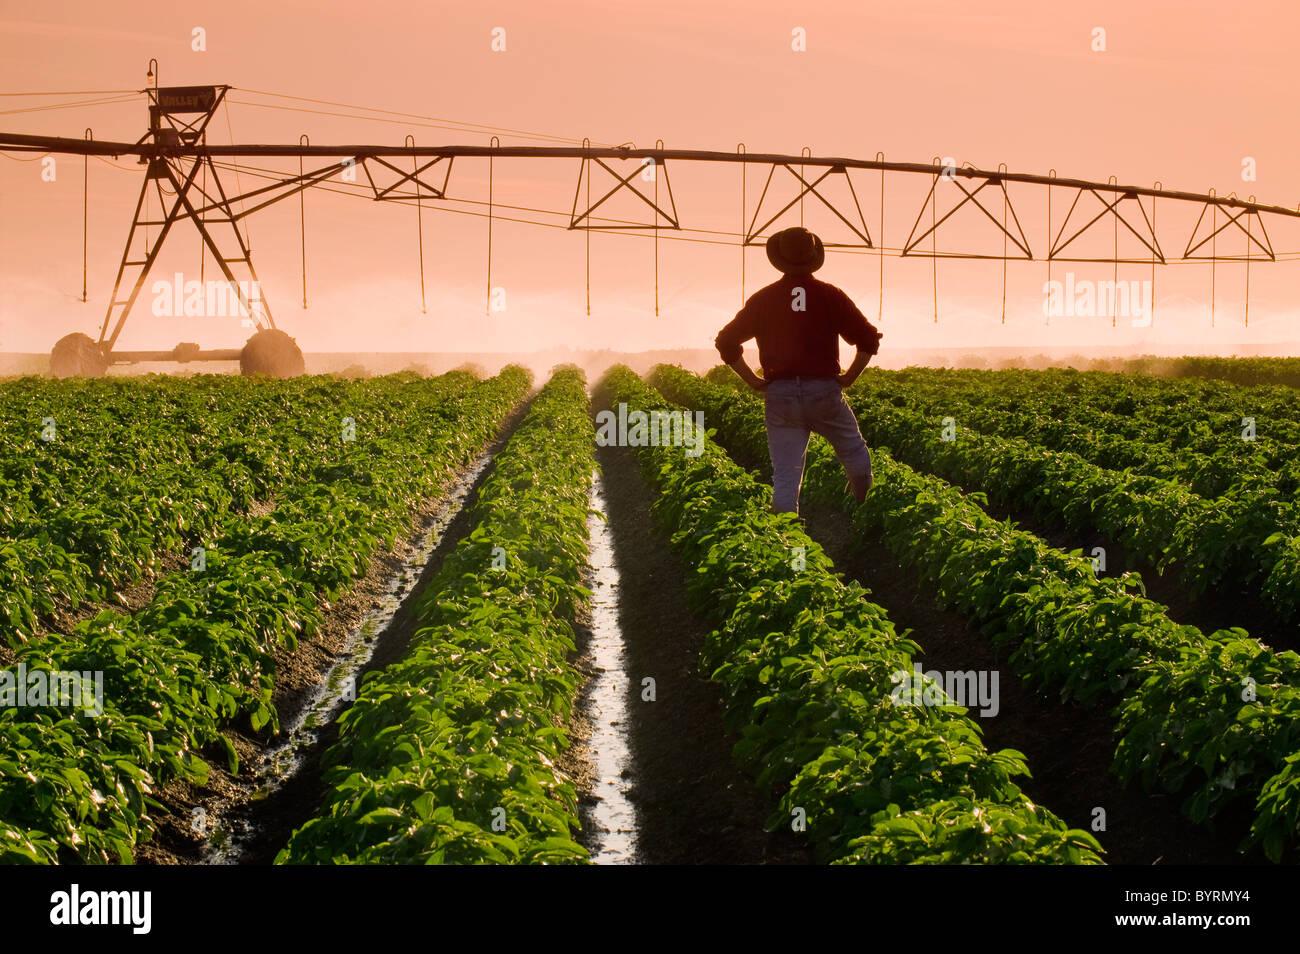 Un agriculteur est à sa croissance moyenne l'observation d'un champ de pommes de terre du système Photo Stock